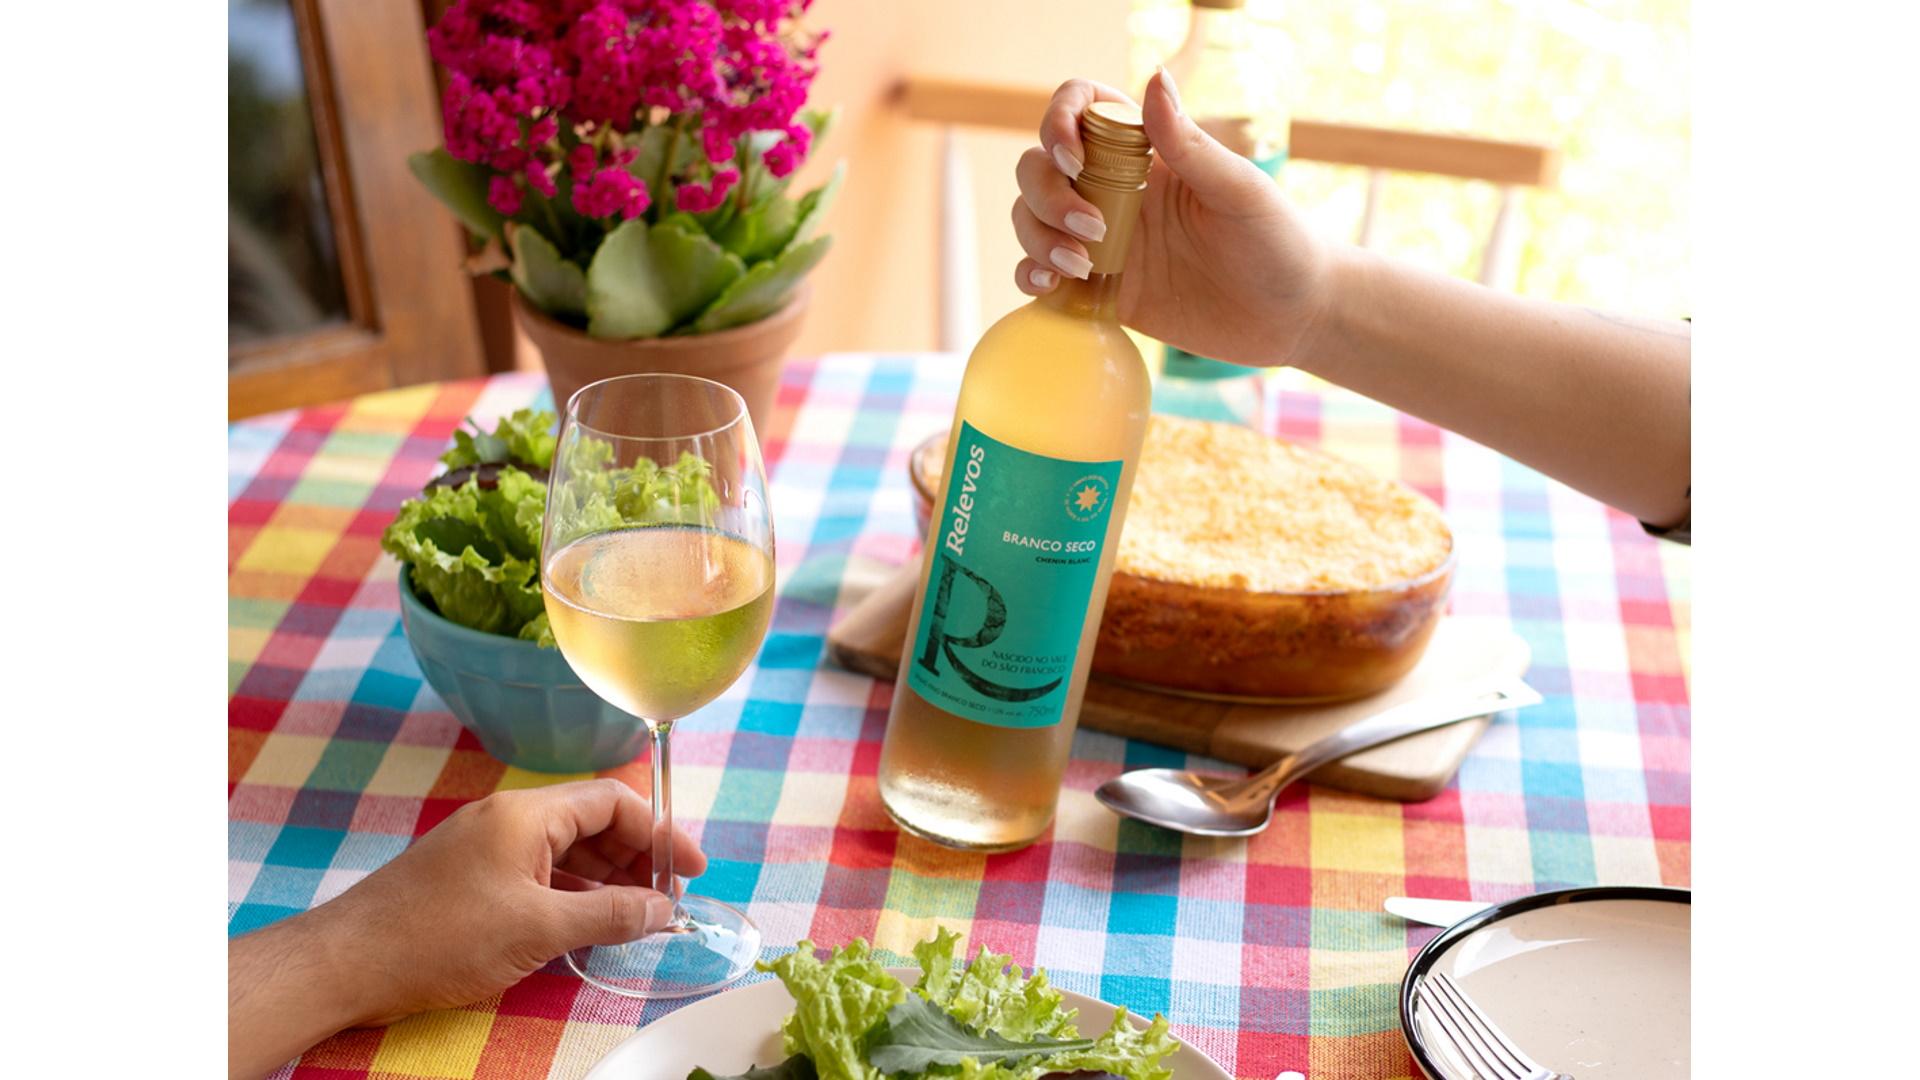 Relevos pretende tornar o consumo de vinho muito mais descomplicado, ideal para apreciar os bons momentos em boa companhia.